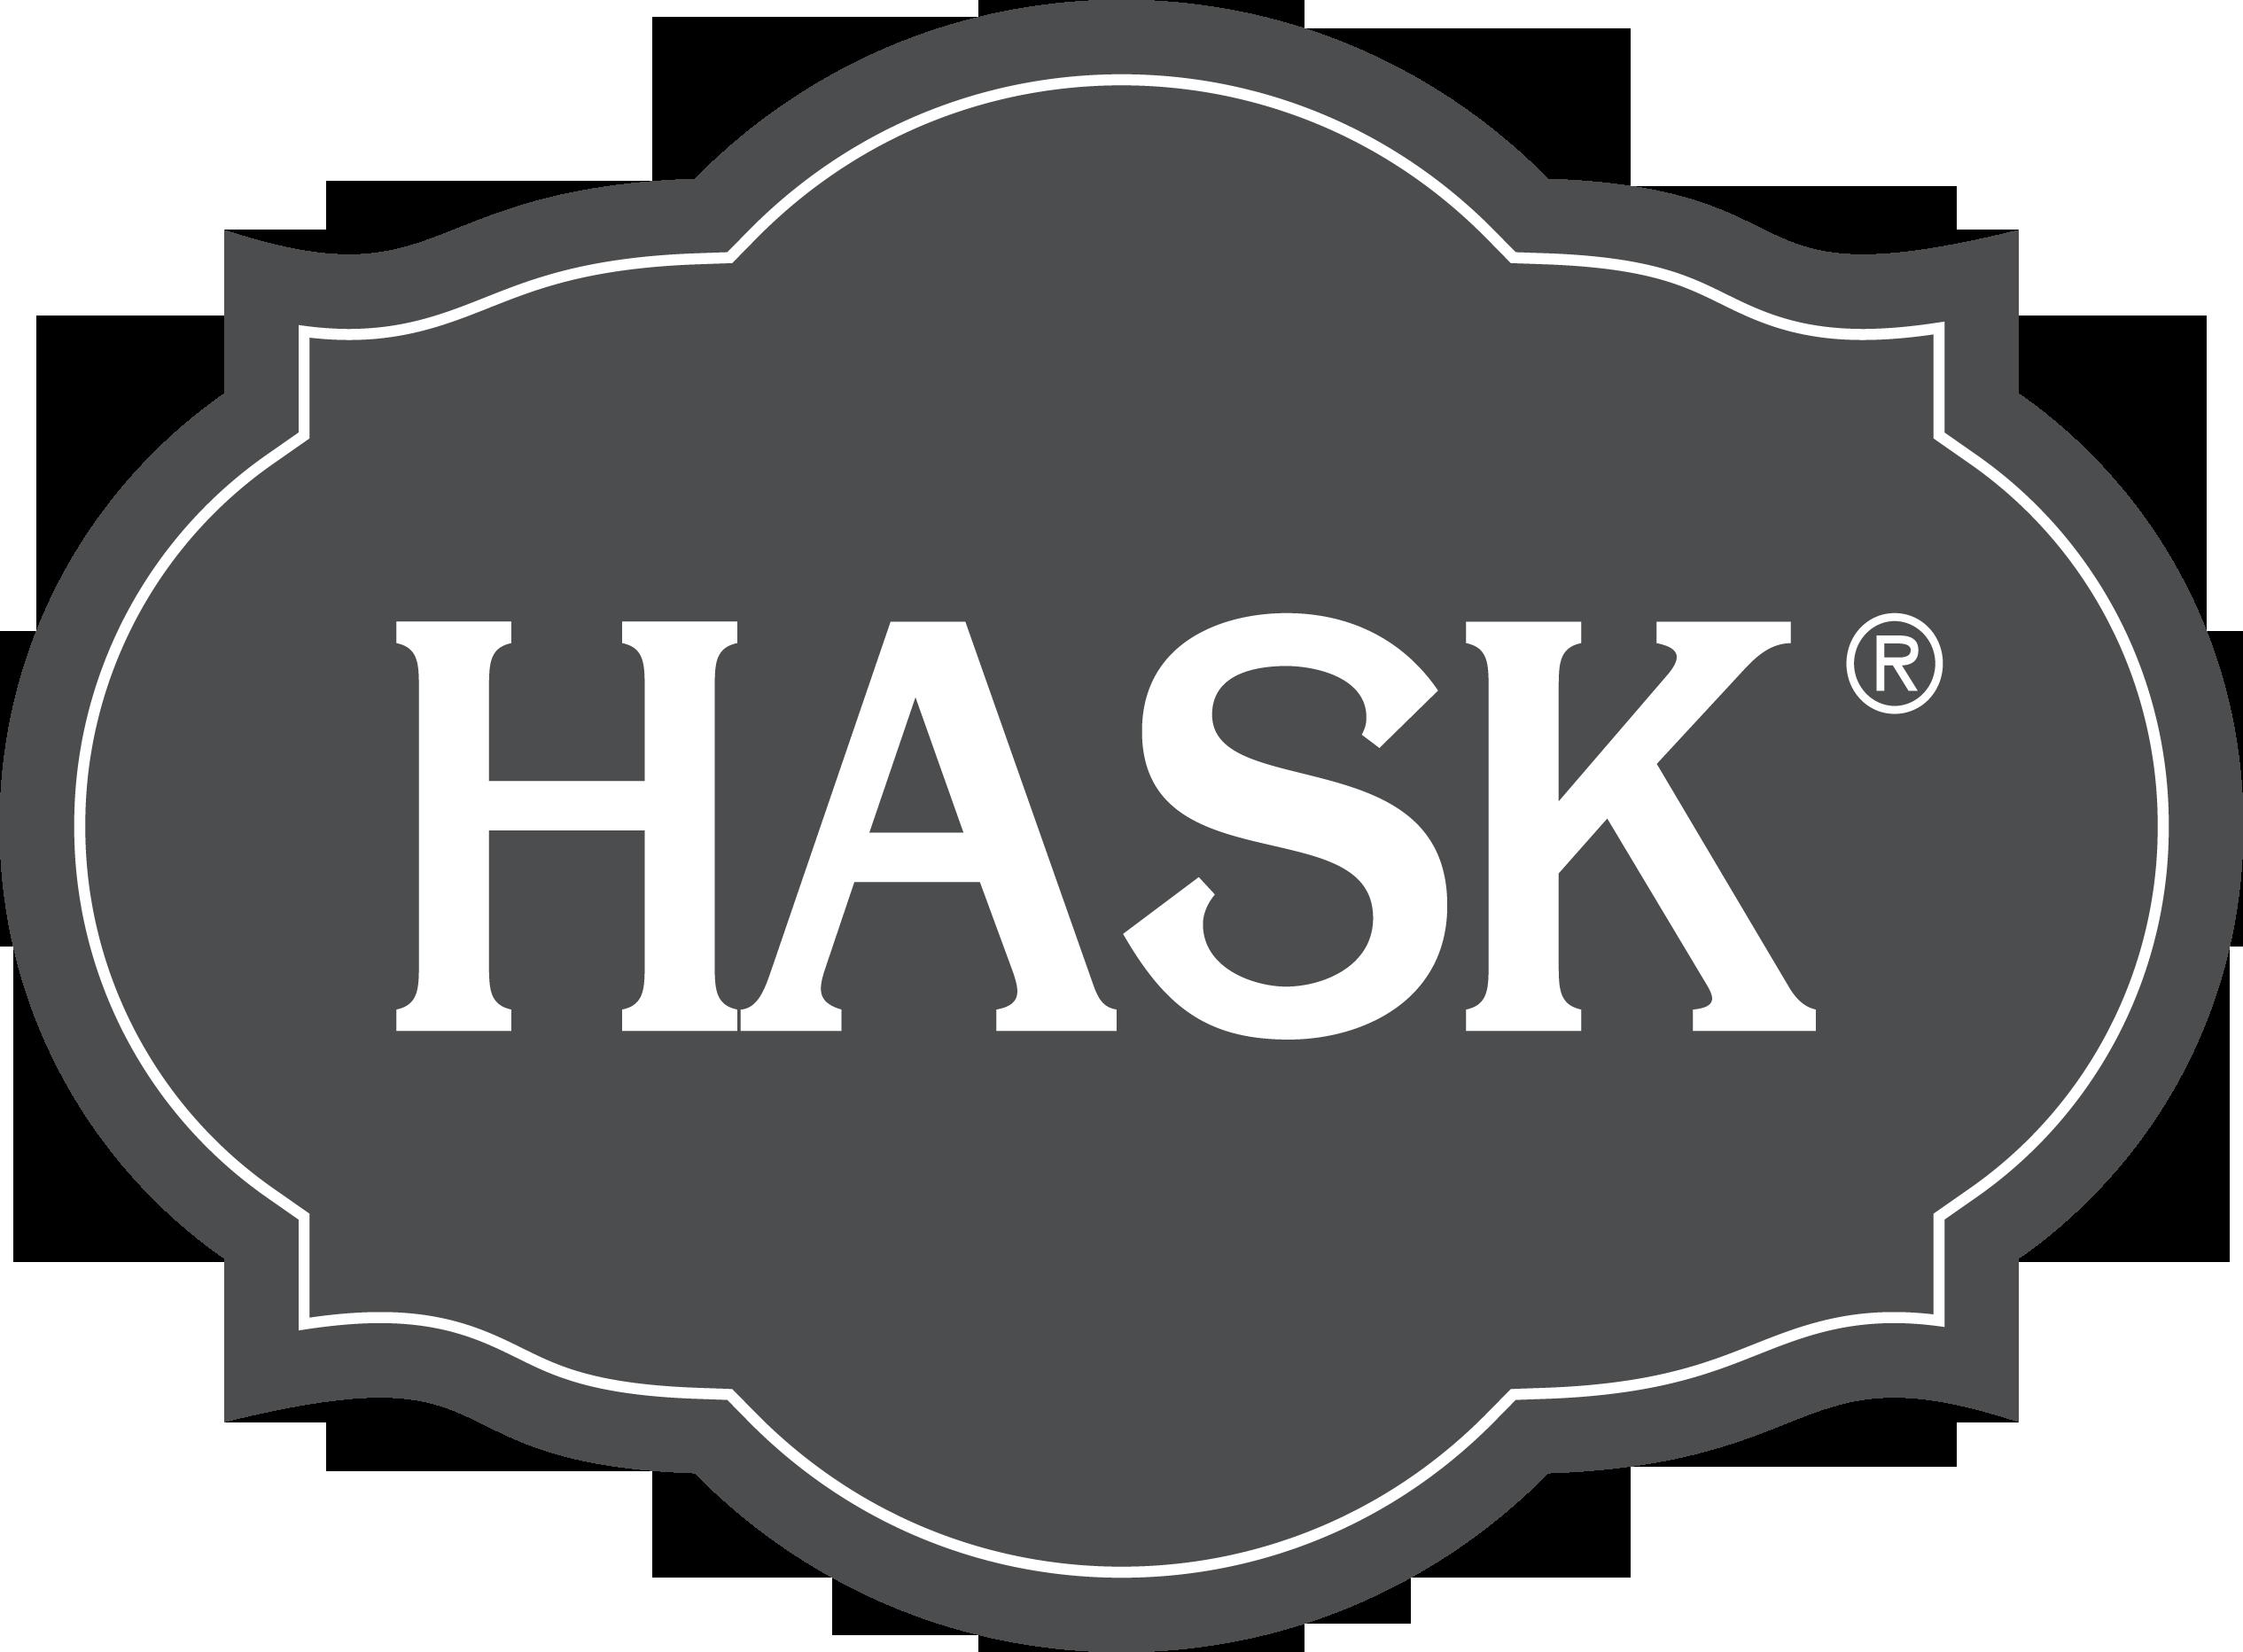 Hask logo